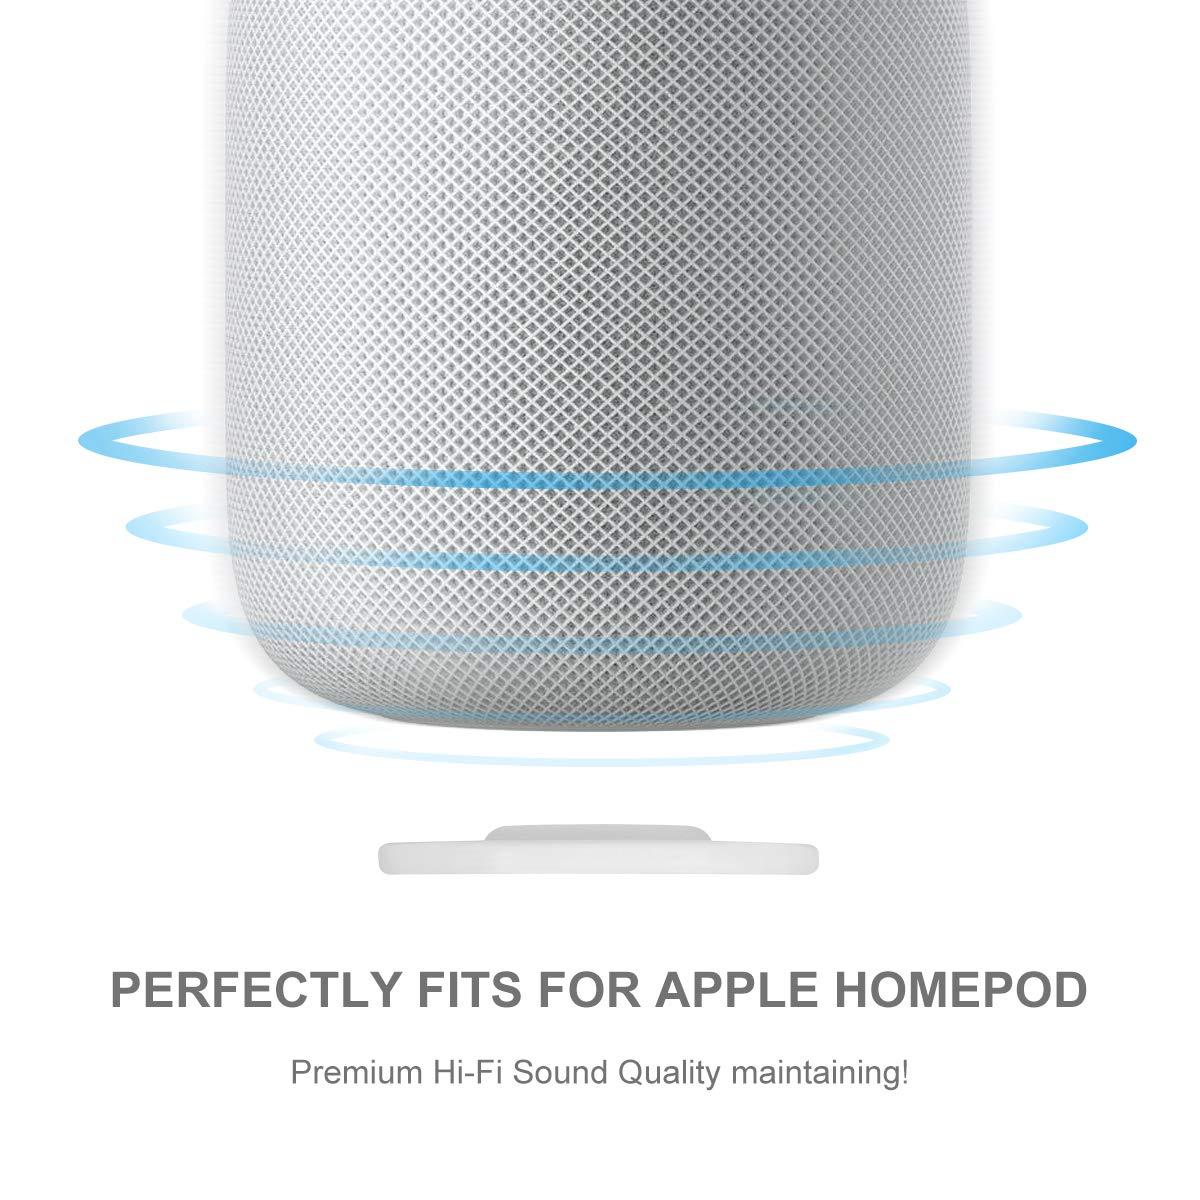 Base de Soporte para Apple Homepod Soporte para Altavoz de Apple HomePod YuStar Acero Inoxidable Antideslizante